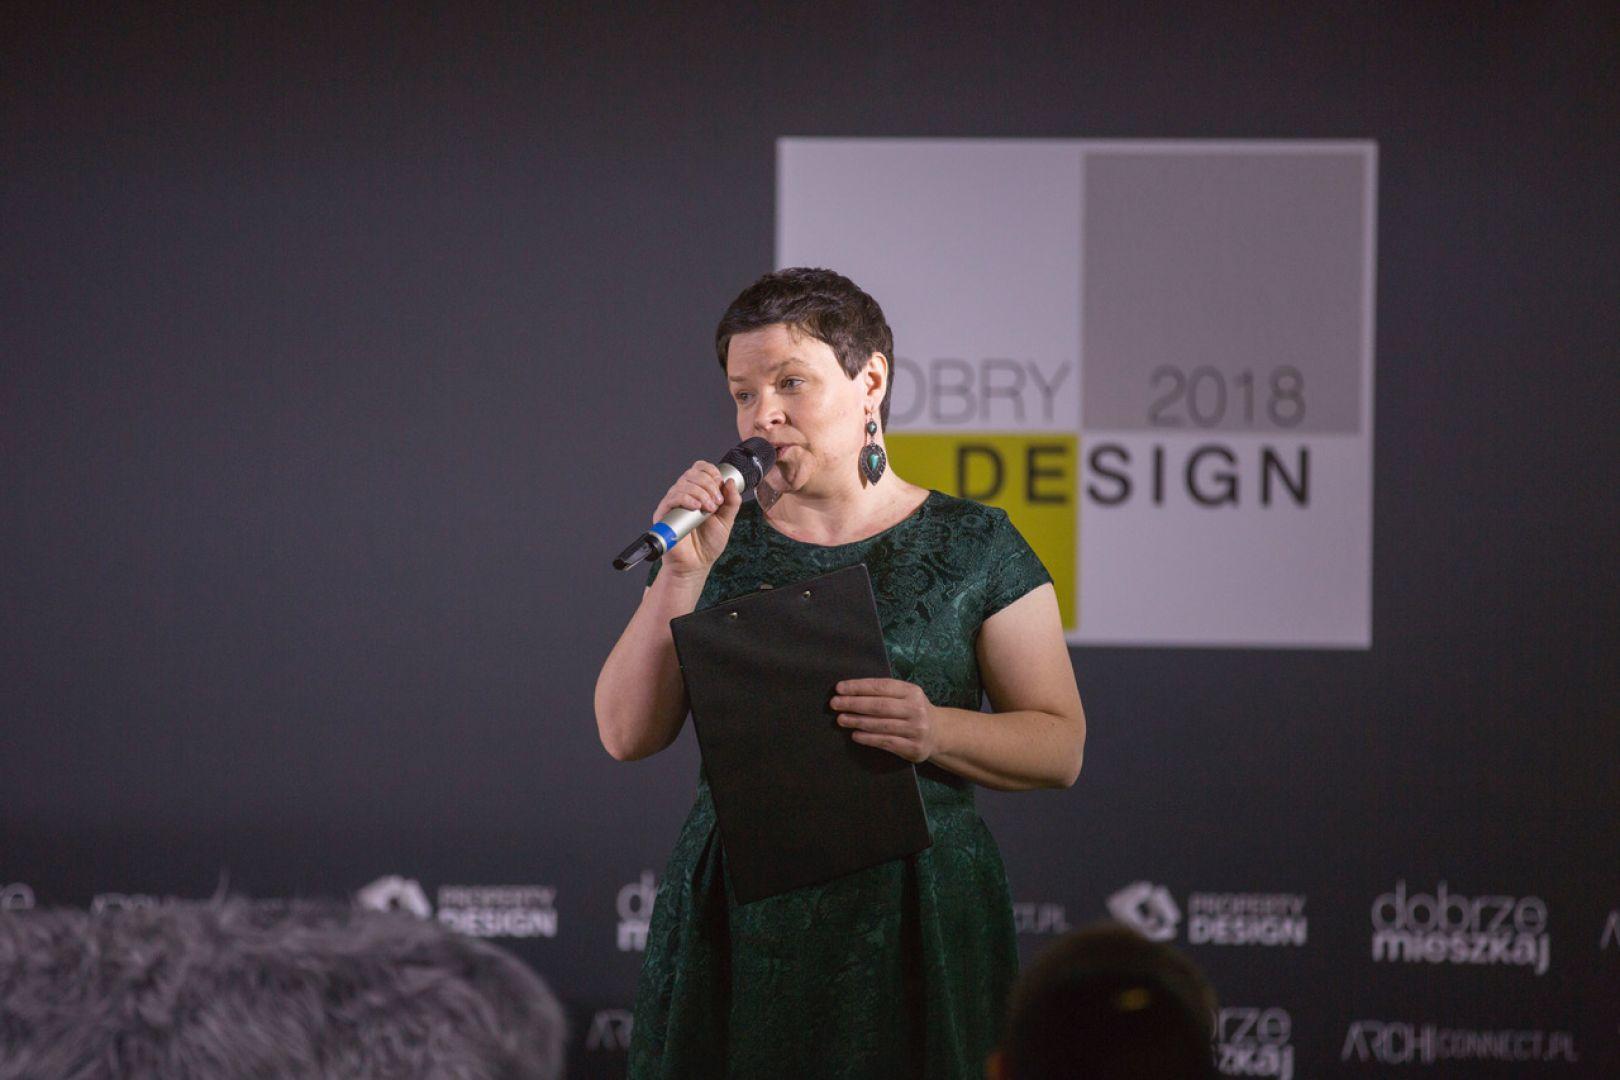 Inauguracja Forum Dobrego Designu: Justyna Łotowska, redaktor merytoryczna FDD. Fot. Piotr Waniorek